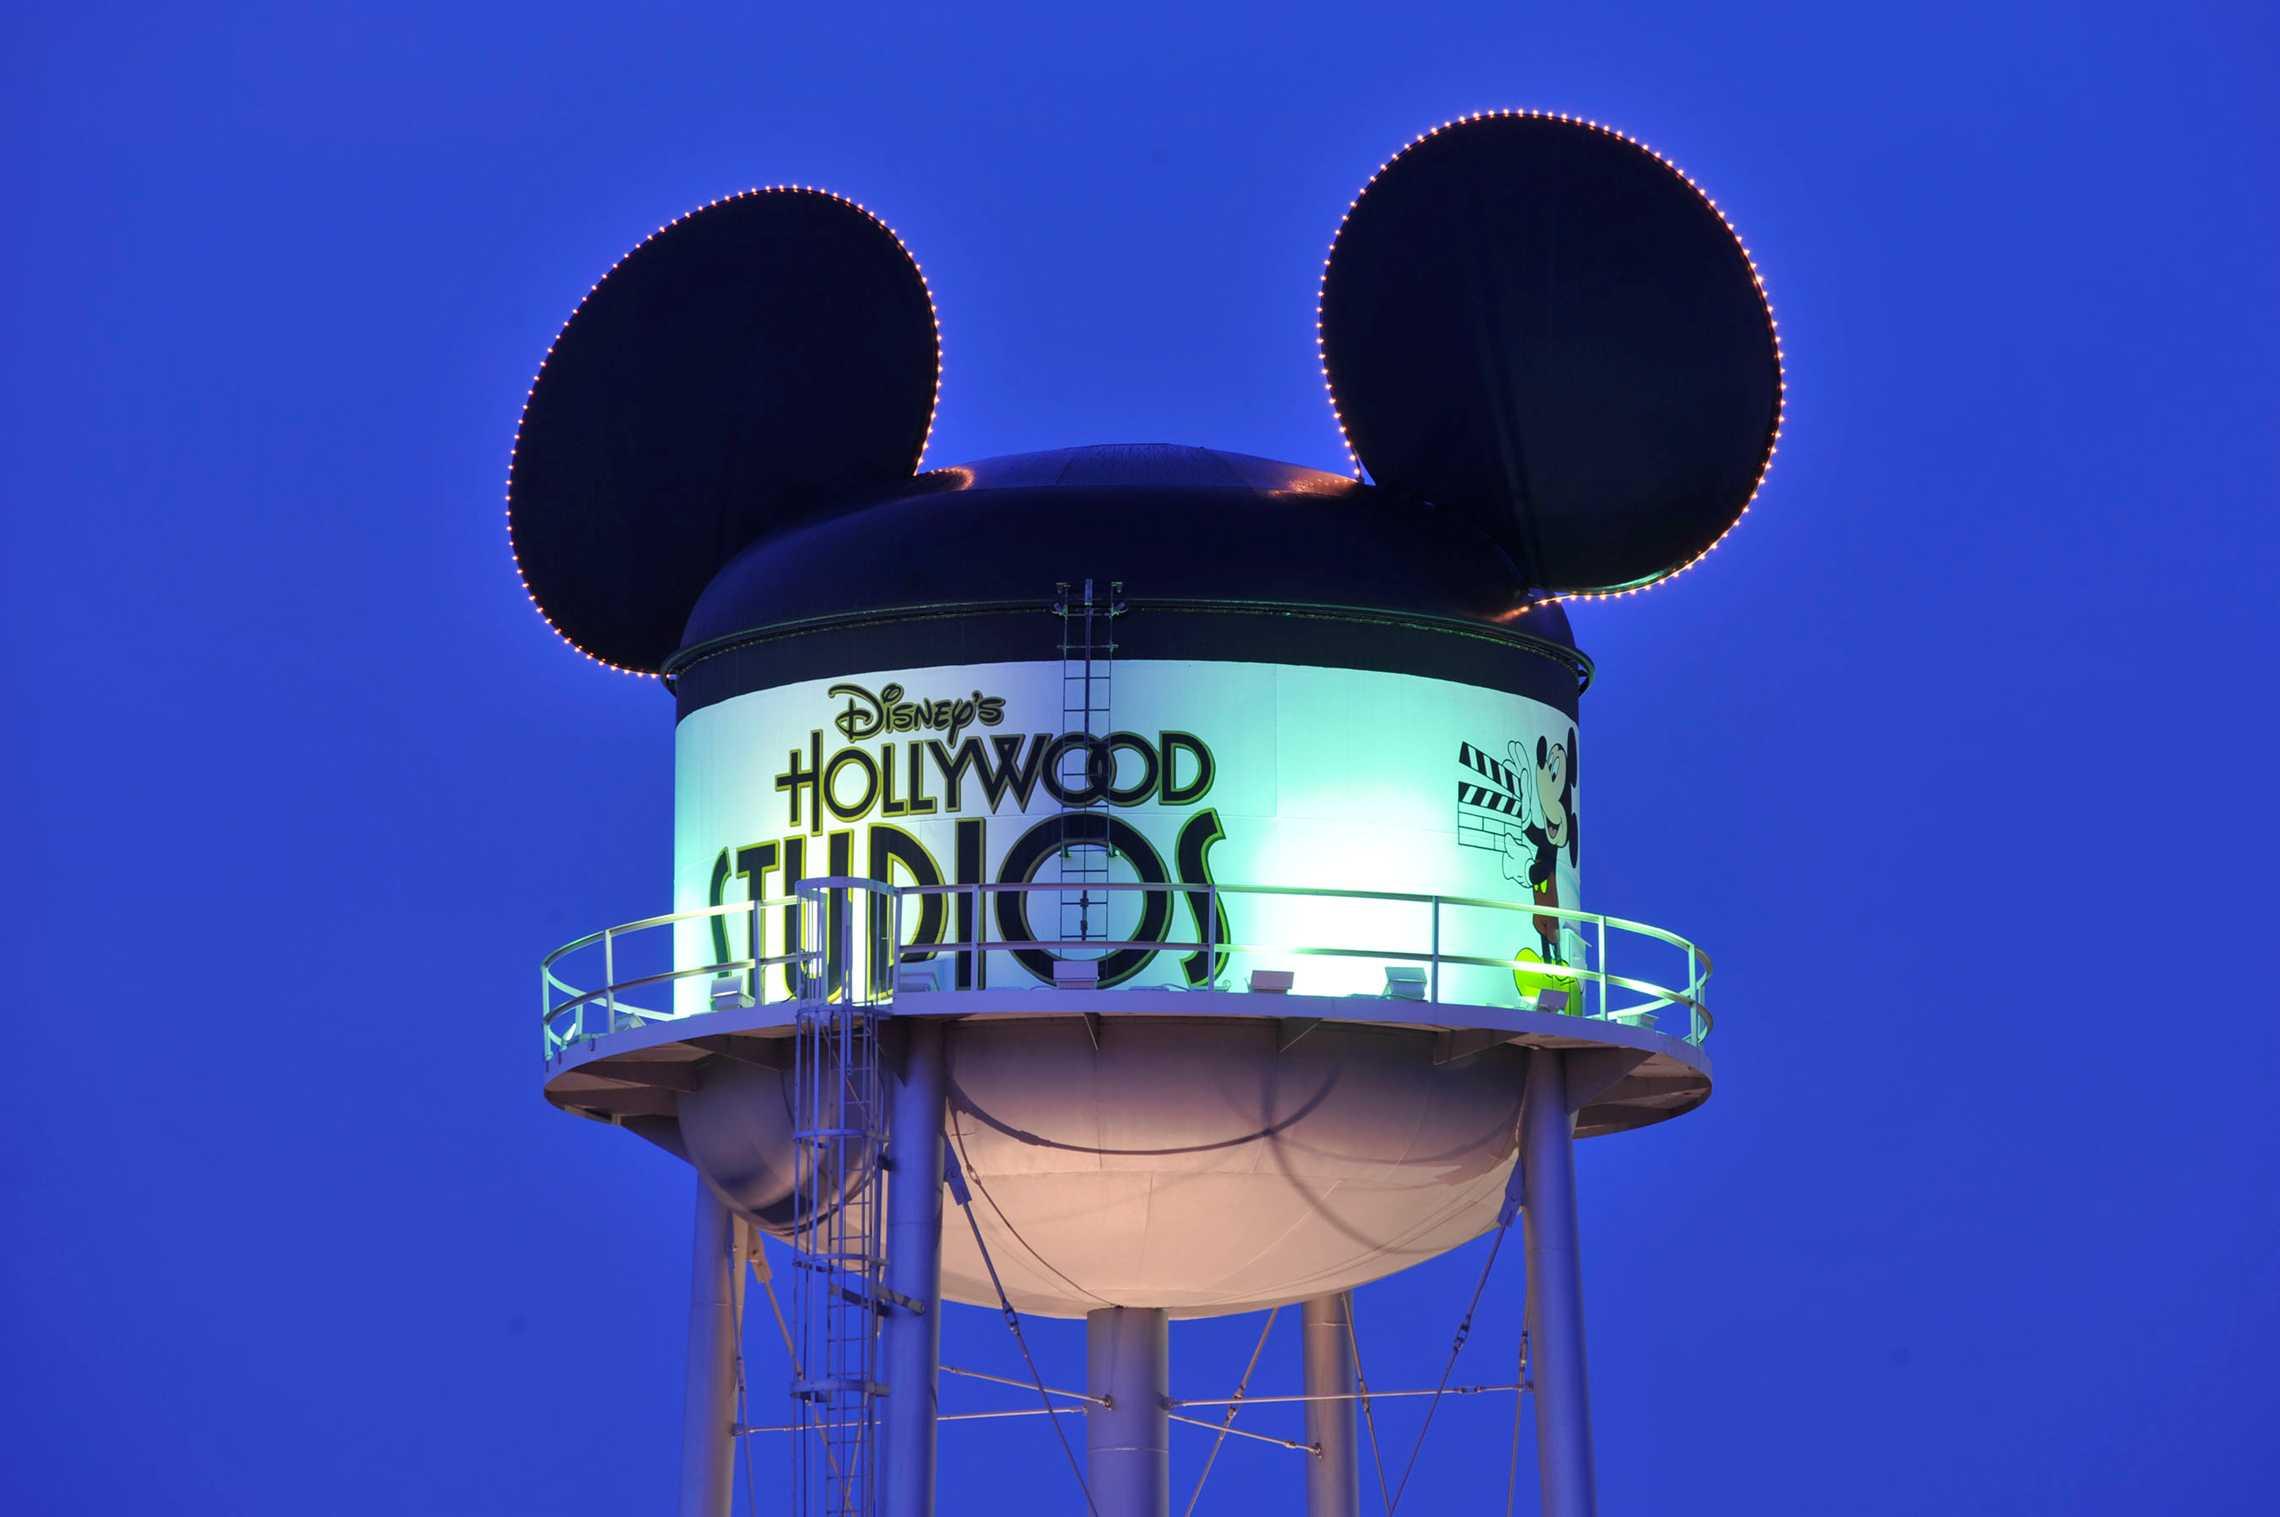 Ponto Orlando Guia da Disney Hollywood Studios 002